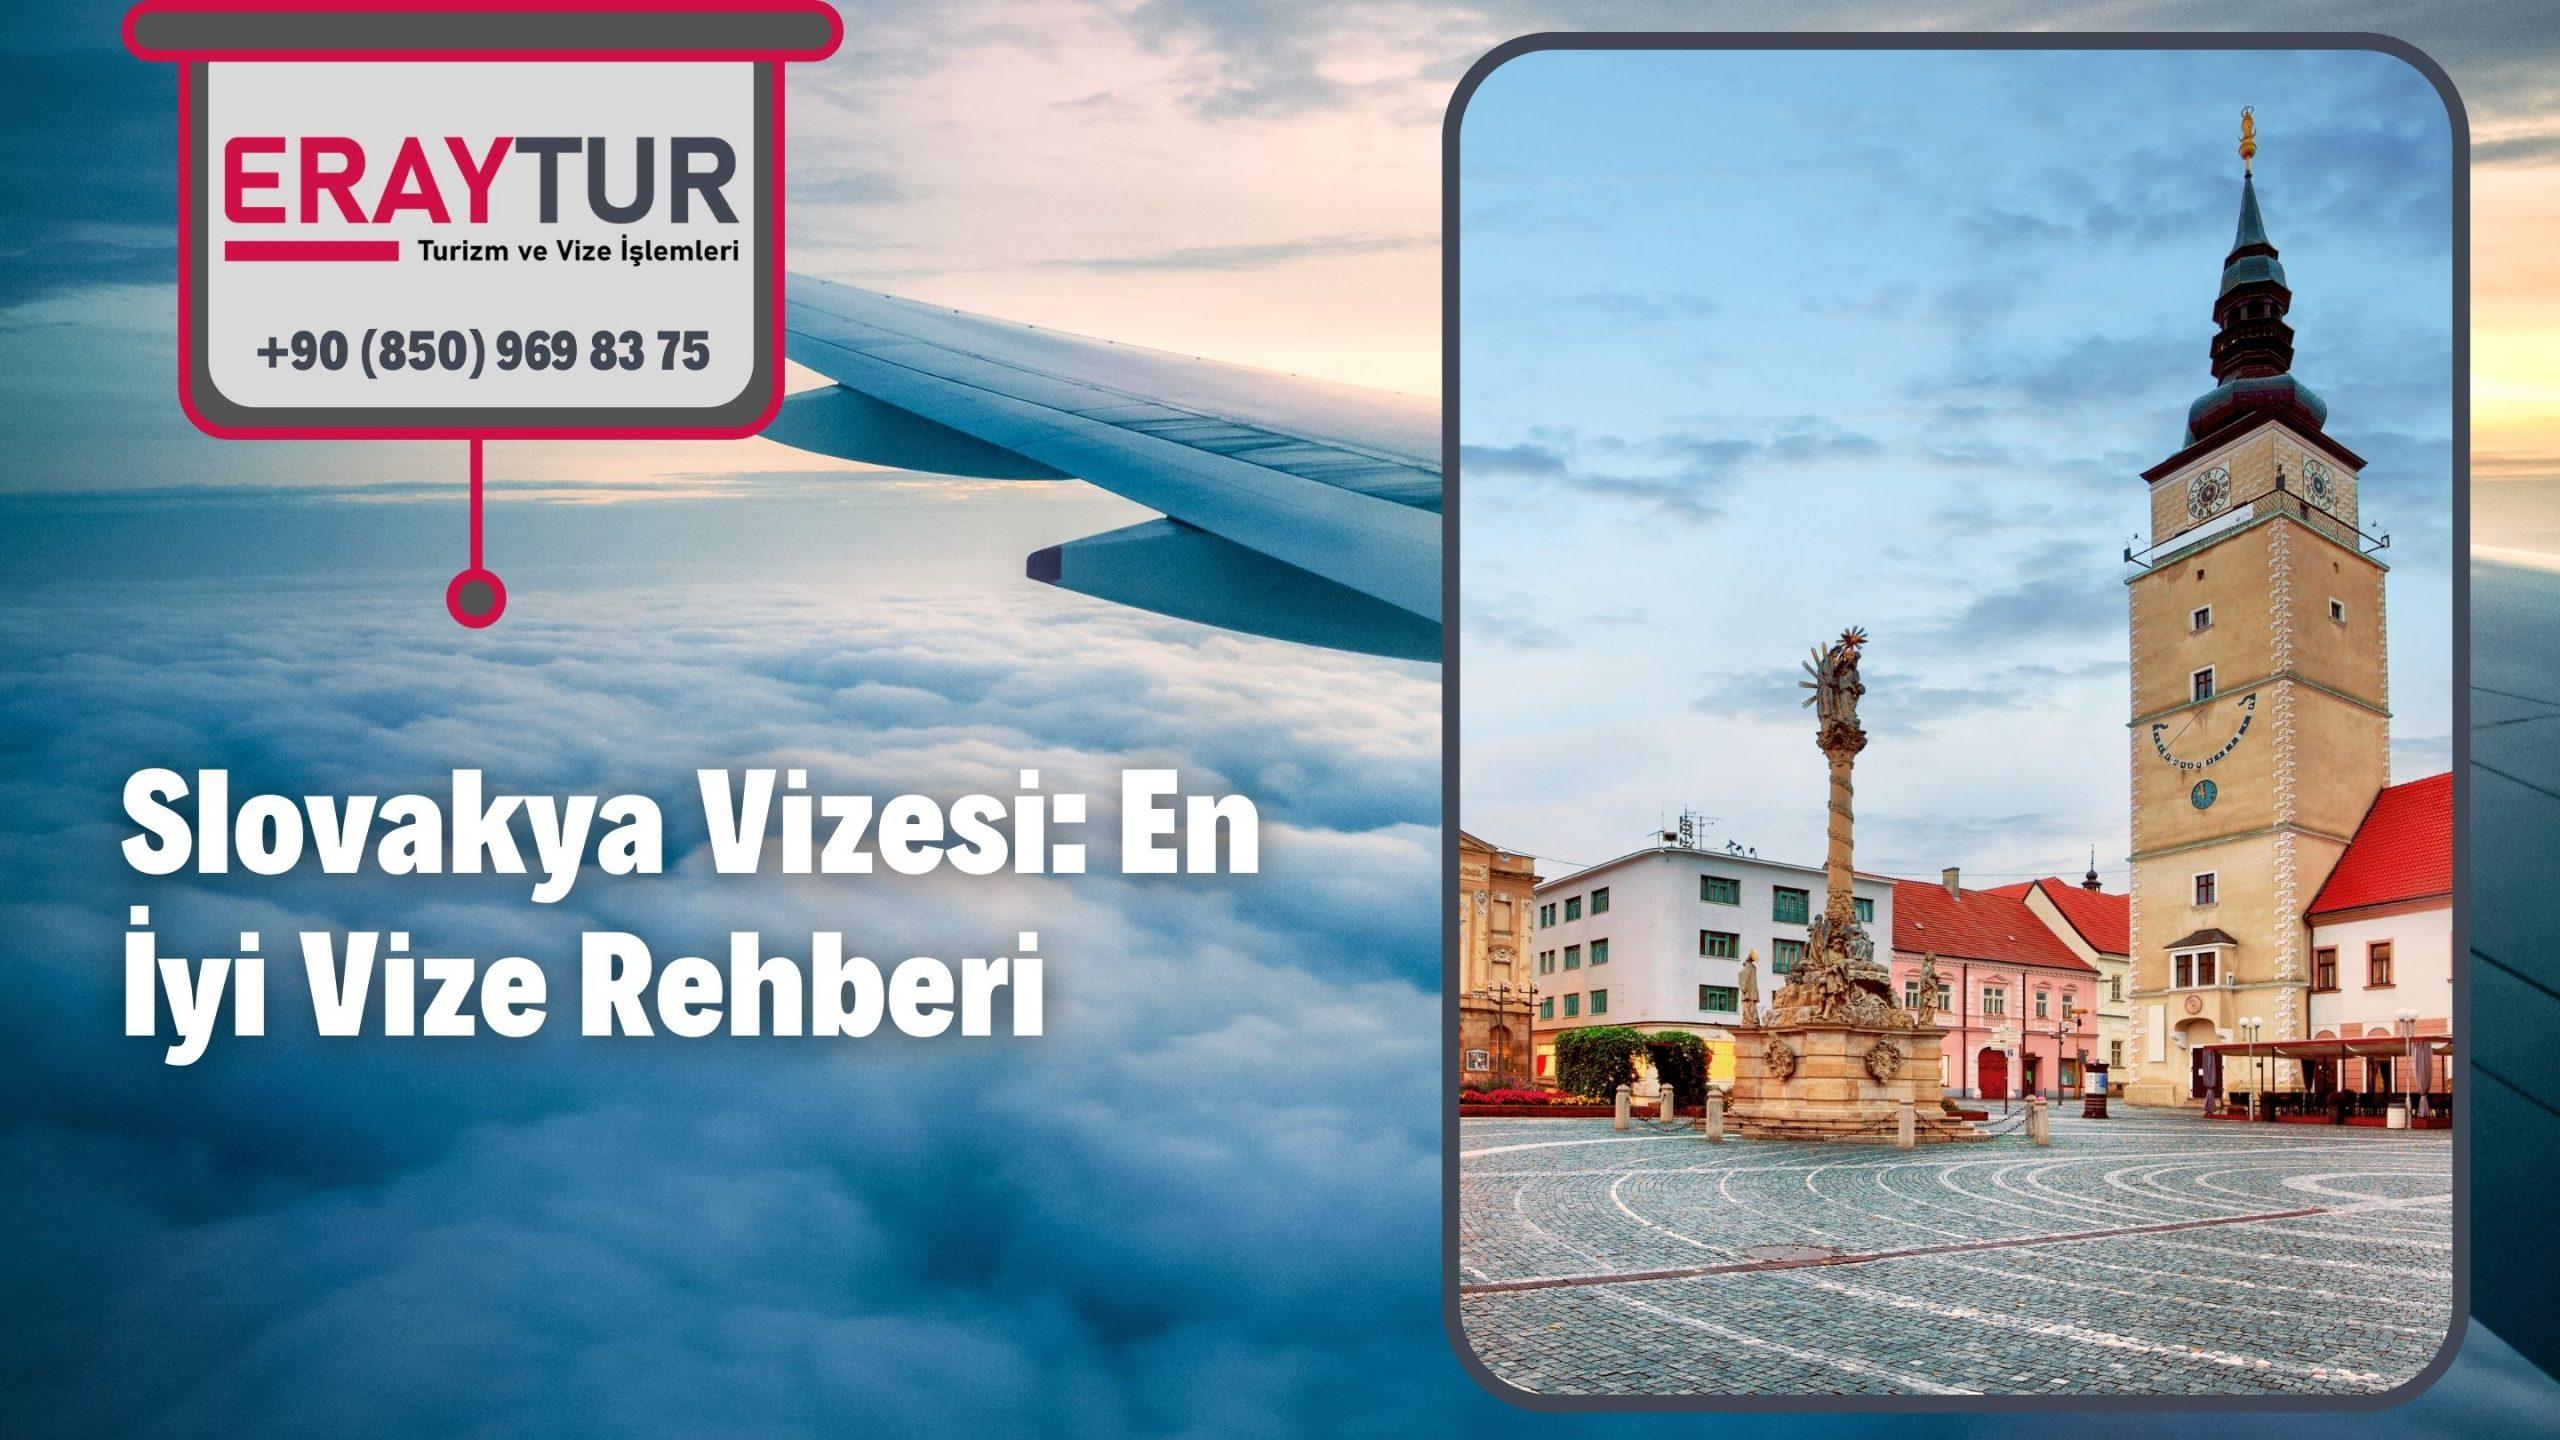 Slovakya Vizesi: En İyi Vize Rehberi 2021